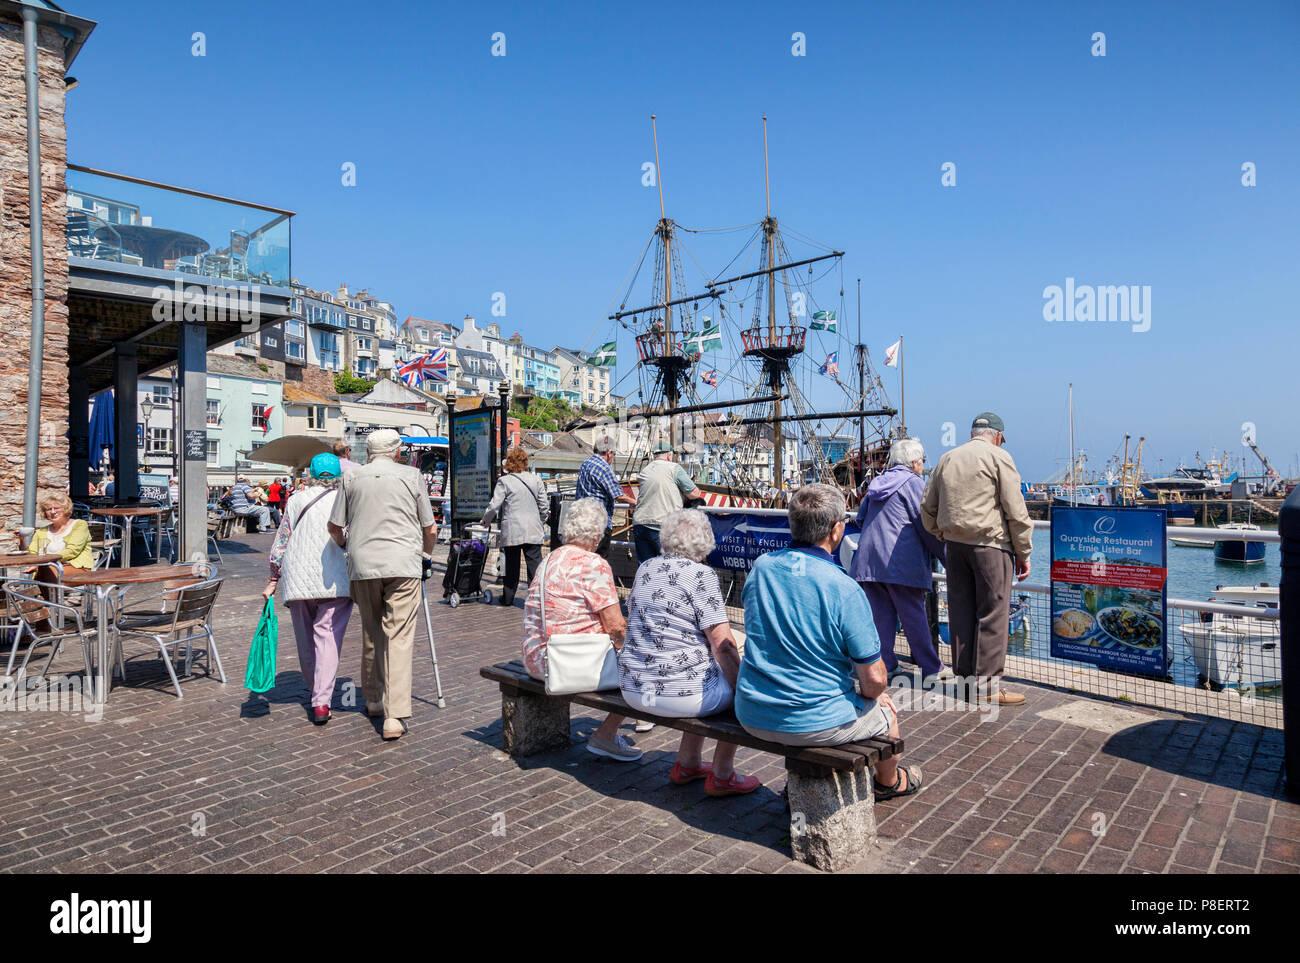 23 Mai 2018: Brixham, Devon, UK - Personnes âgées La détente sur le front de mer à Brixham Harbour, avec la réplique Golden Hind voilier. Photo Stock